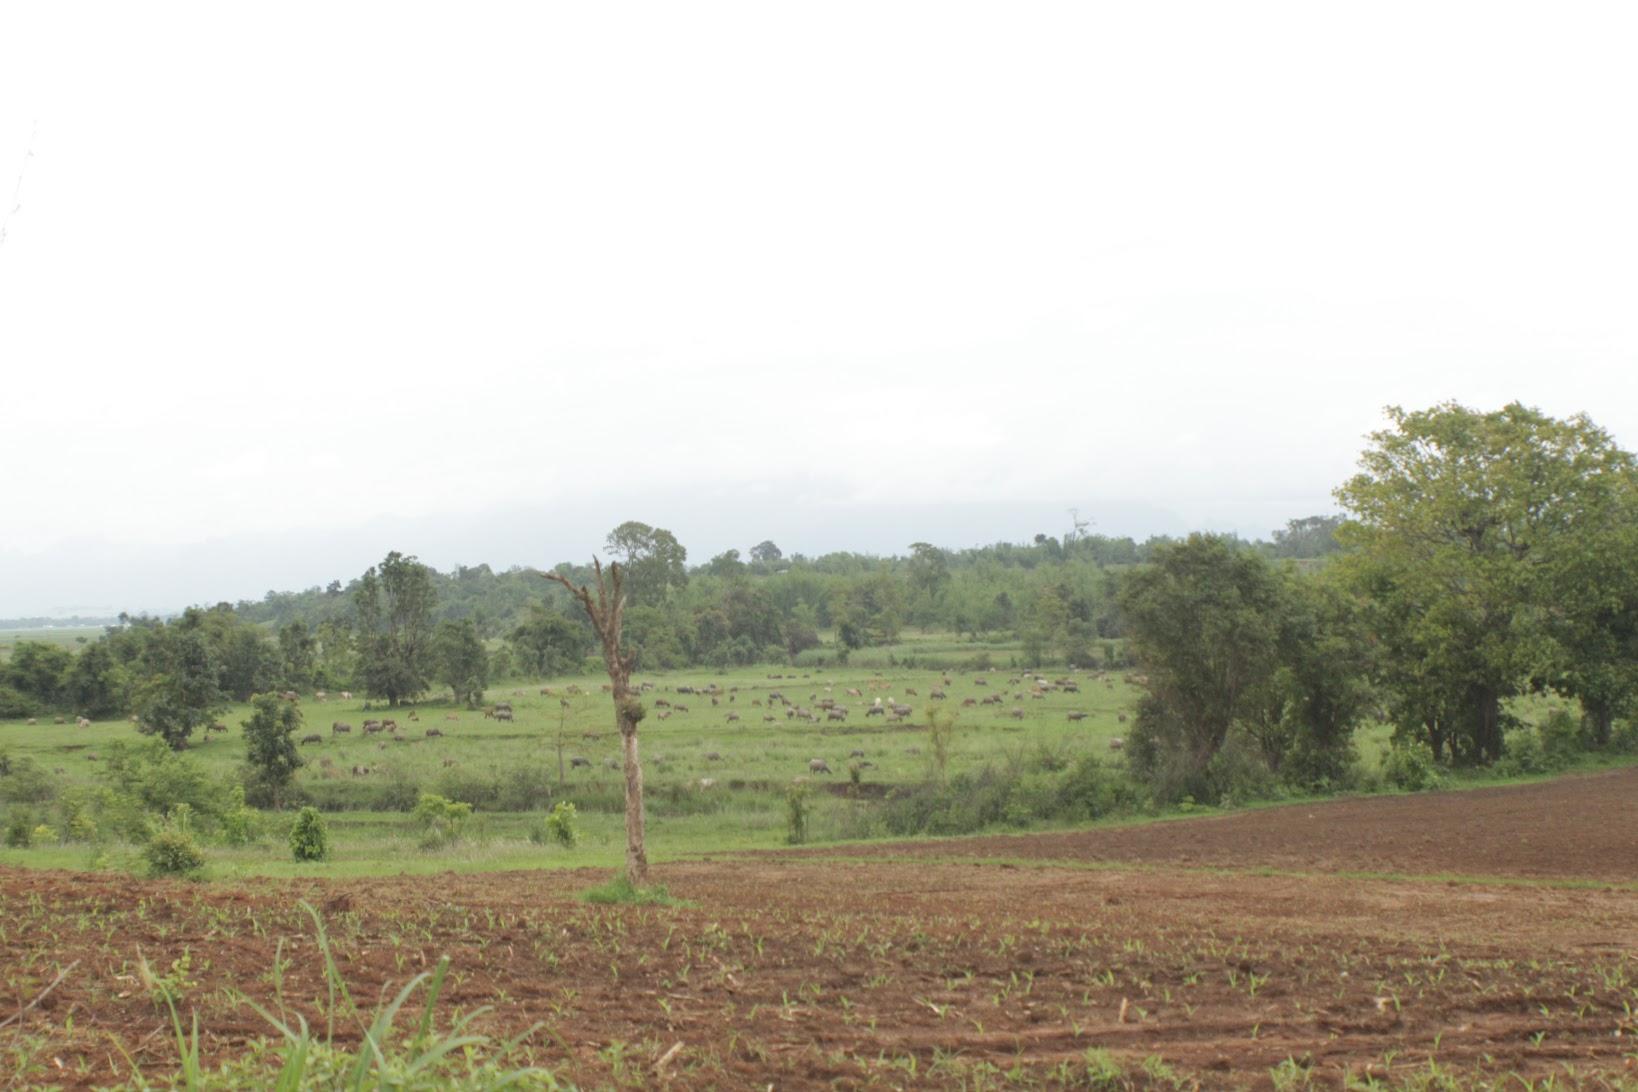 စိုက်ပျိုးမှုမရှိသည့် မြေလွတ်၊ မြေရိုင်းဧက တစ်သန်းကျော် ပြန်လည်သိမ်းယူထား